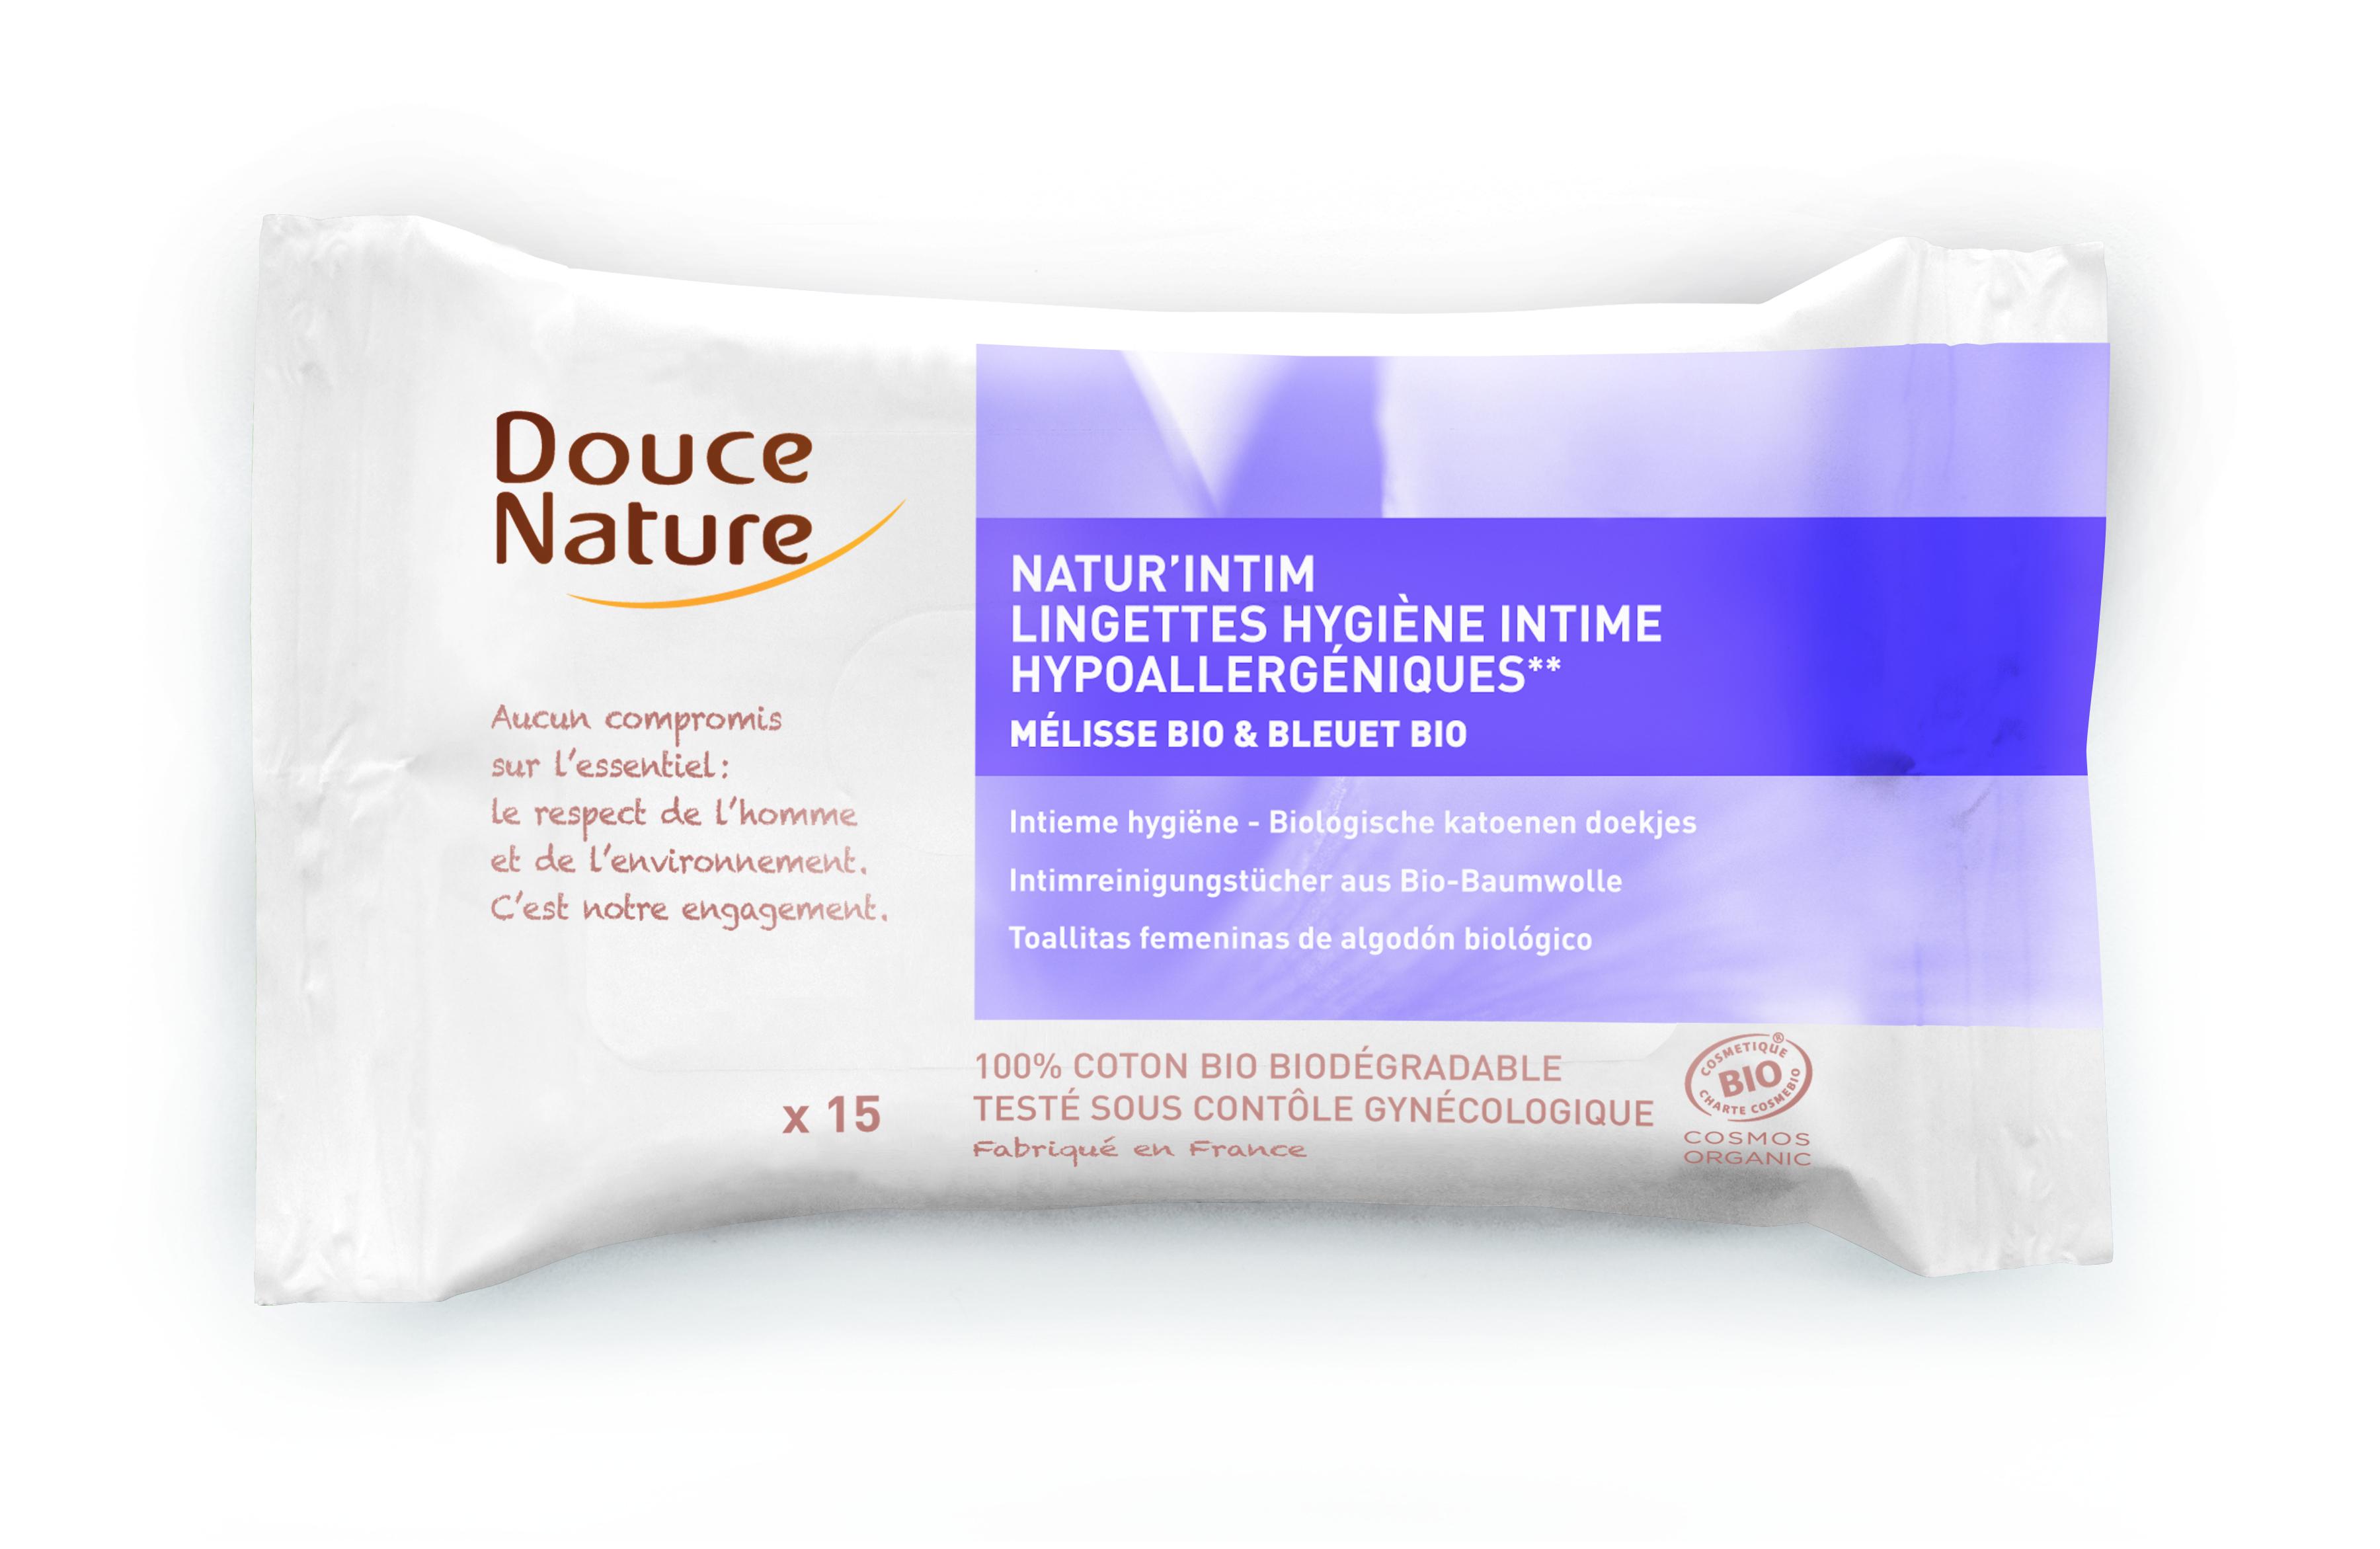 Lingettes de toilette intime hypoallergéniques Mélisse et bleuet, Douce Nature (x 15)